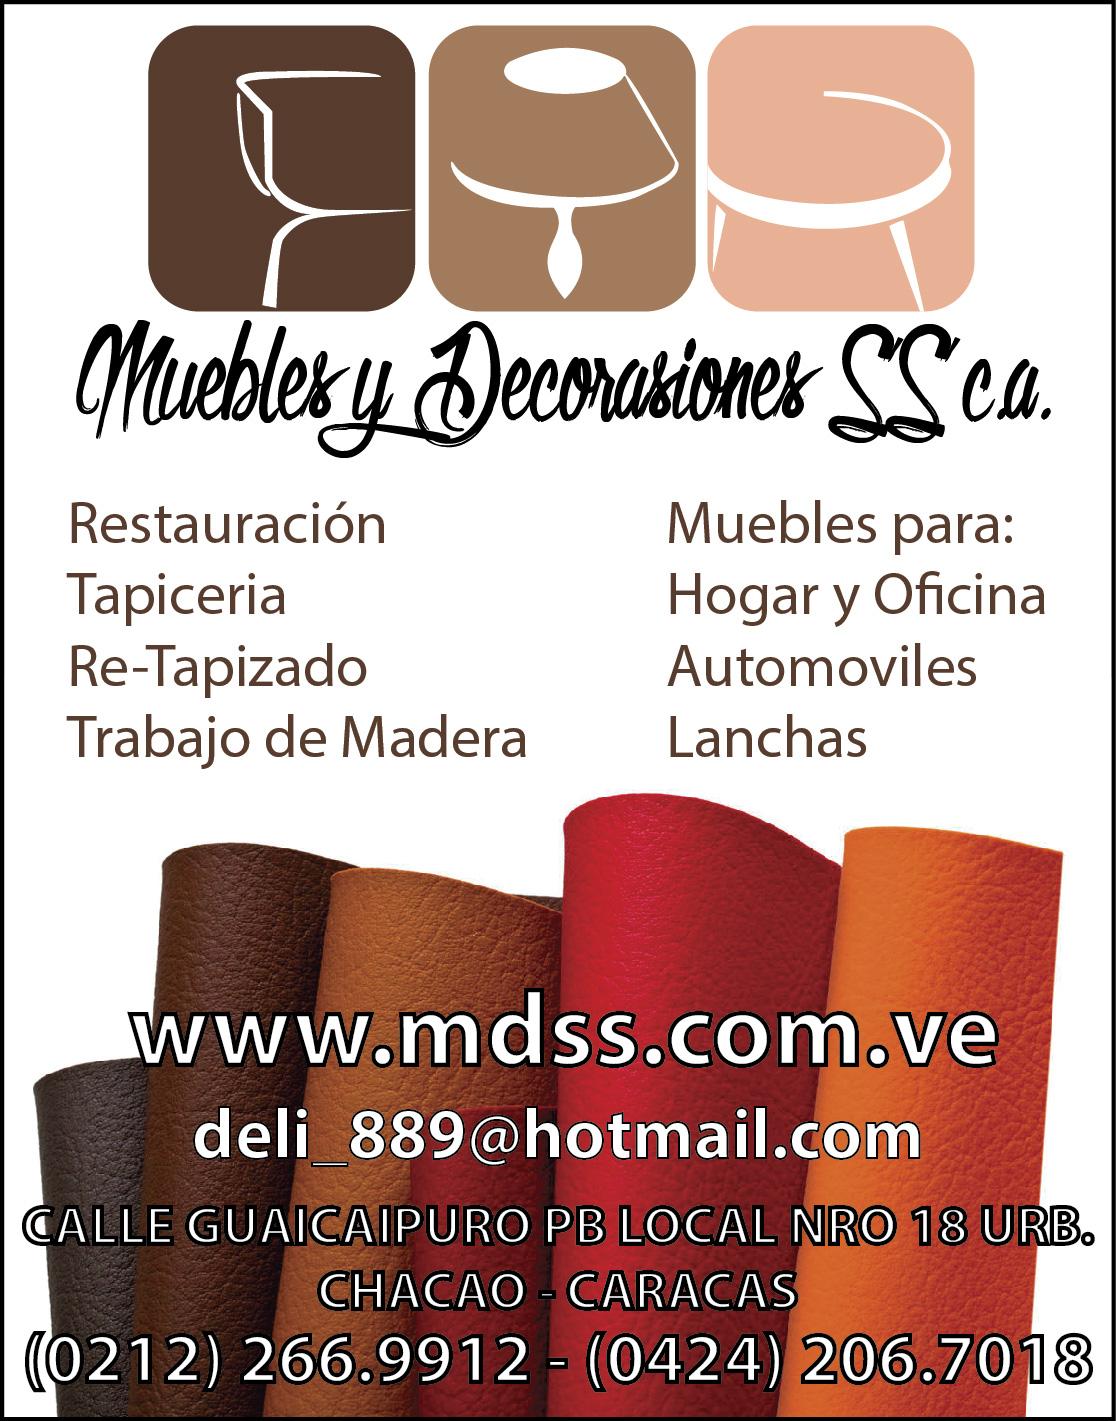 MUEBLES Y DECORACIONES SS C.A. en Paginas Amarillas tu guia Comercial